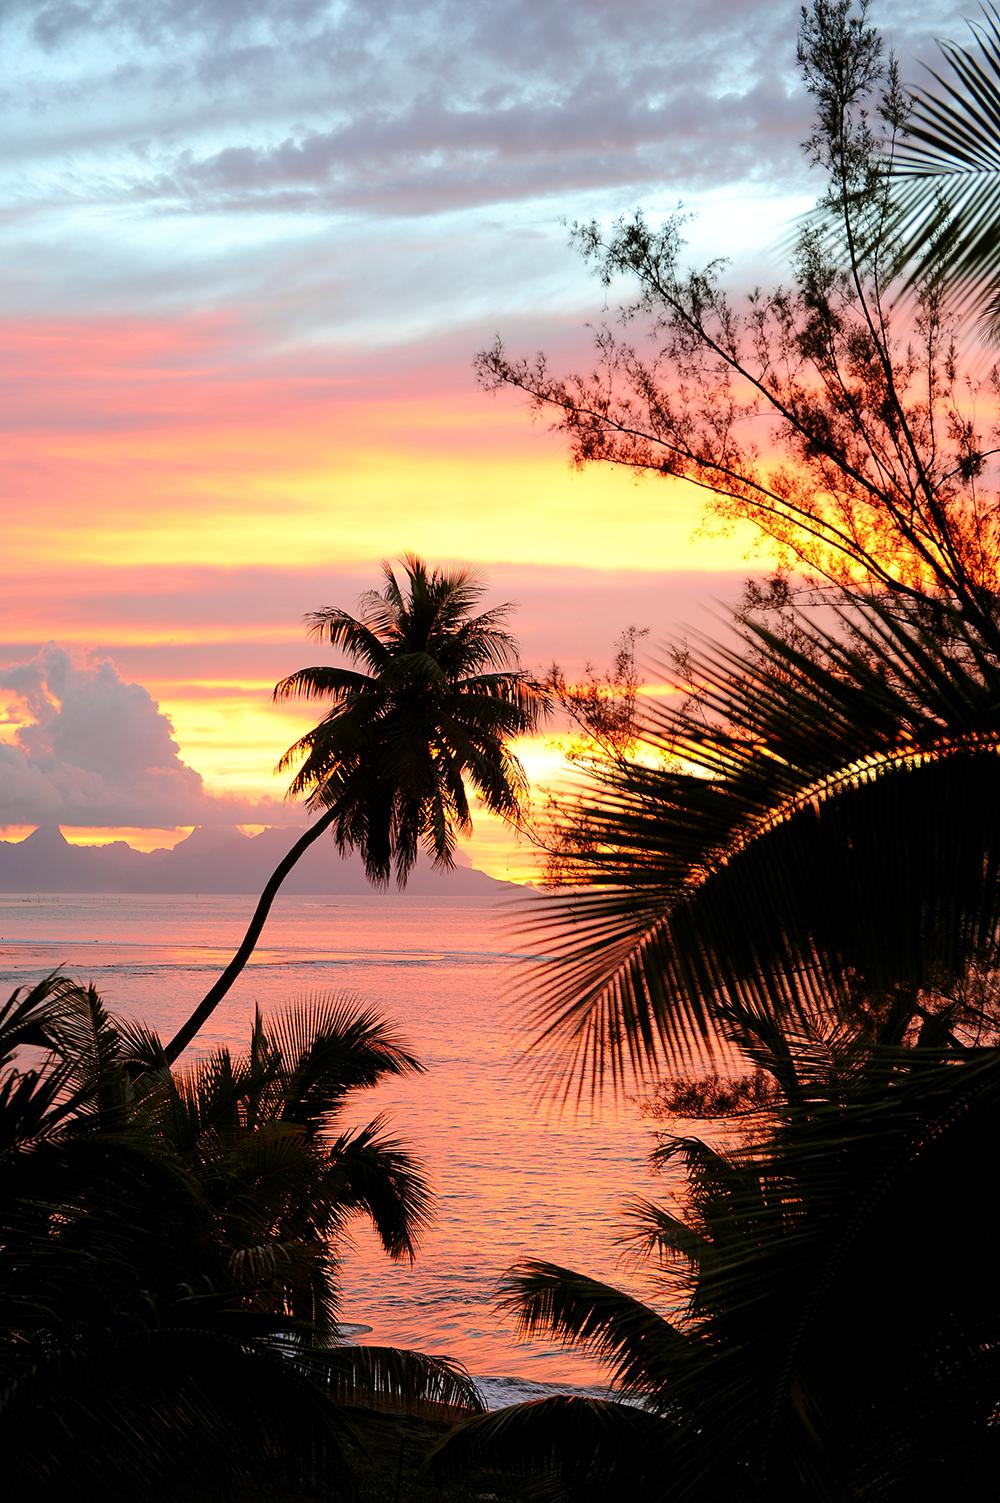 Auringonlasku, Tahiti, Polynesia, Tyyni Valtameri, paratiisi, matkablogi, blogi, matka